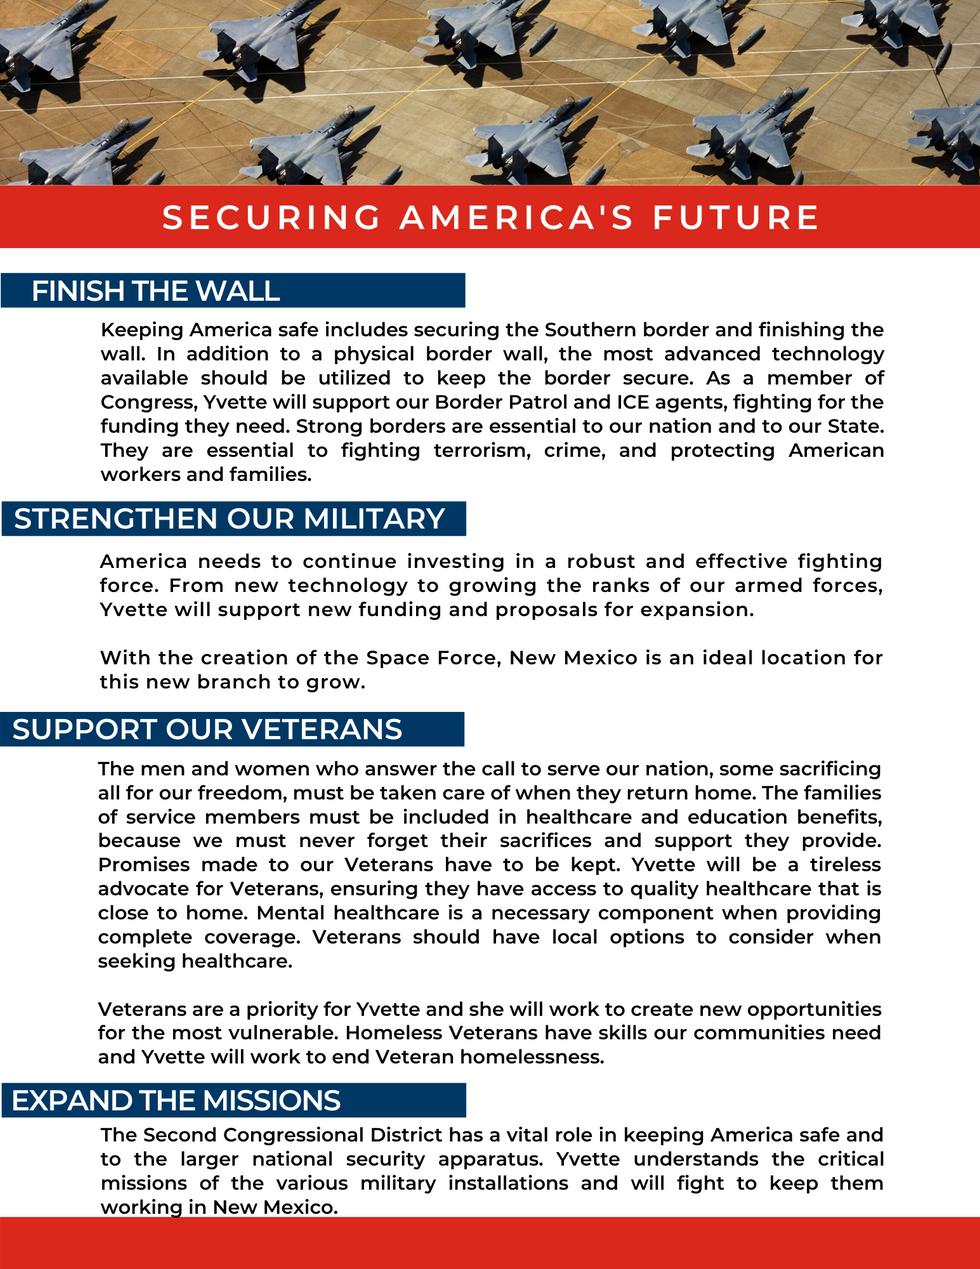 Securing America's Future